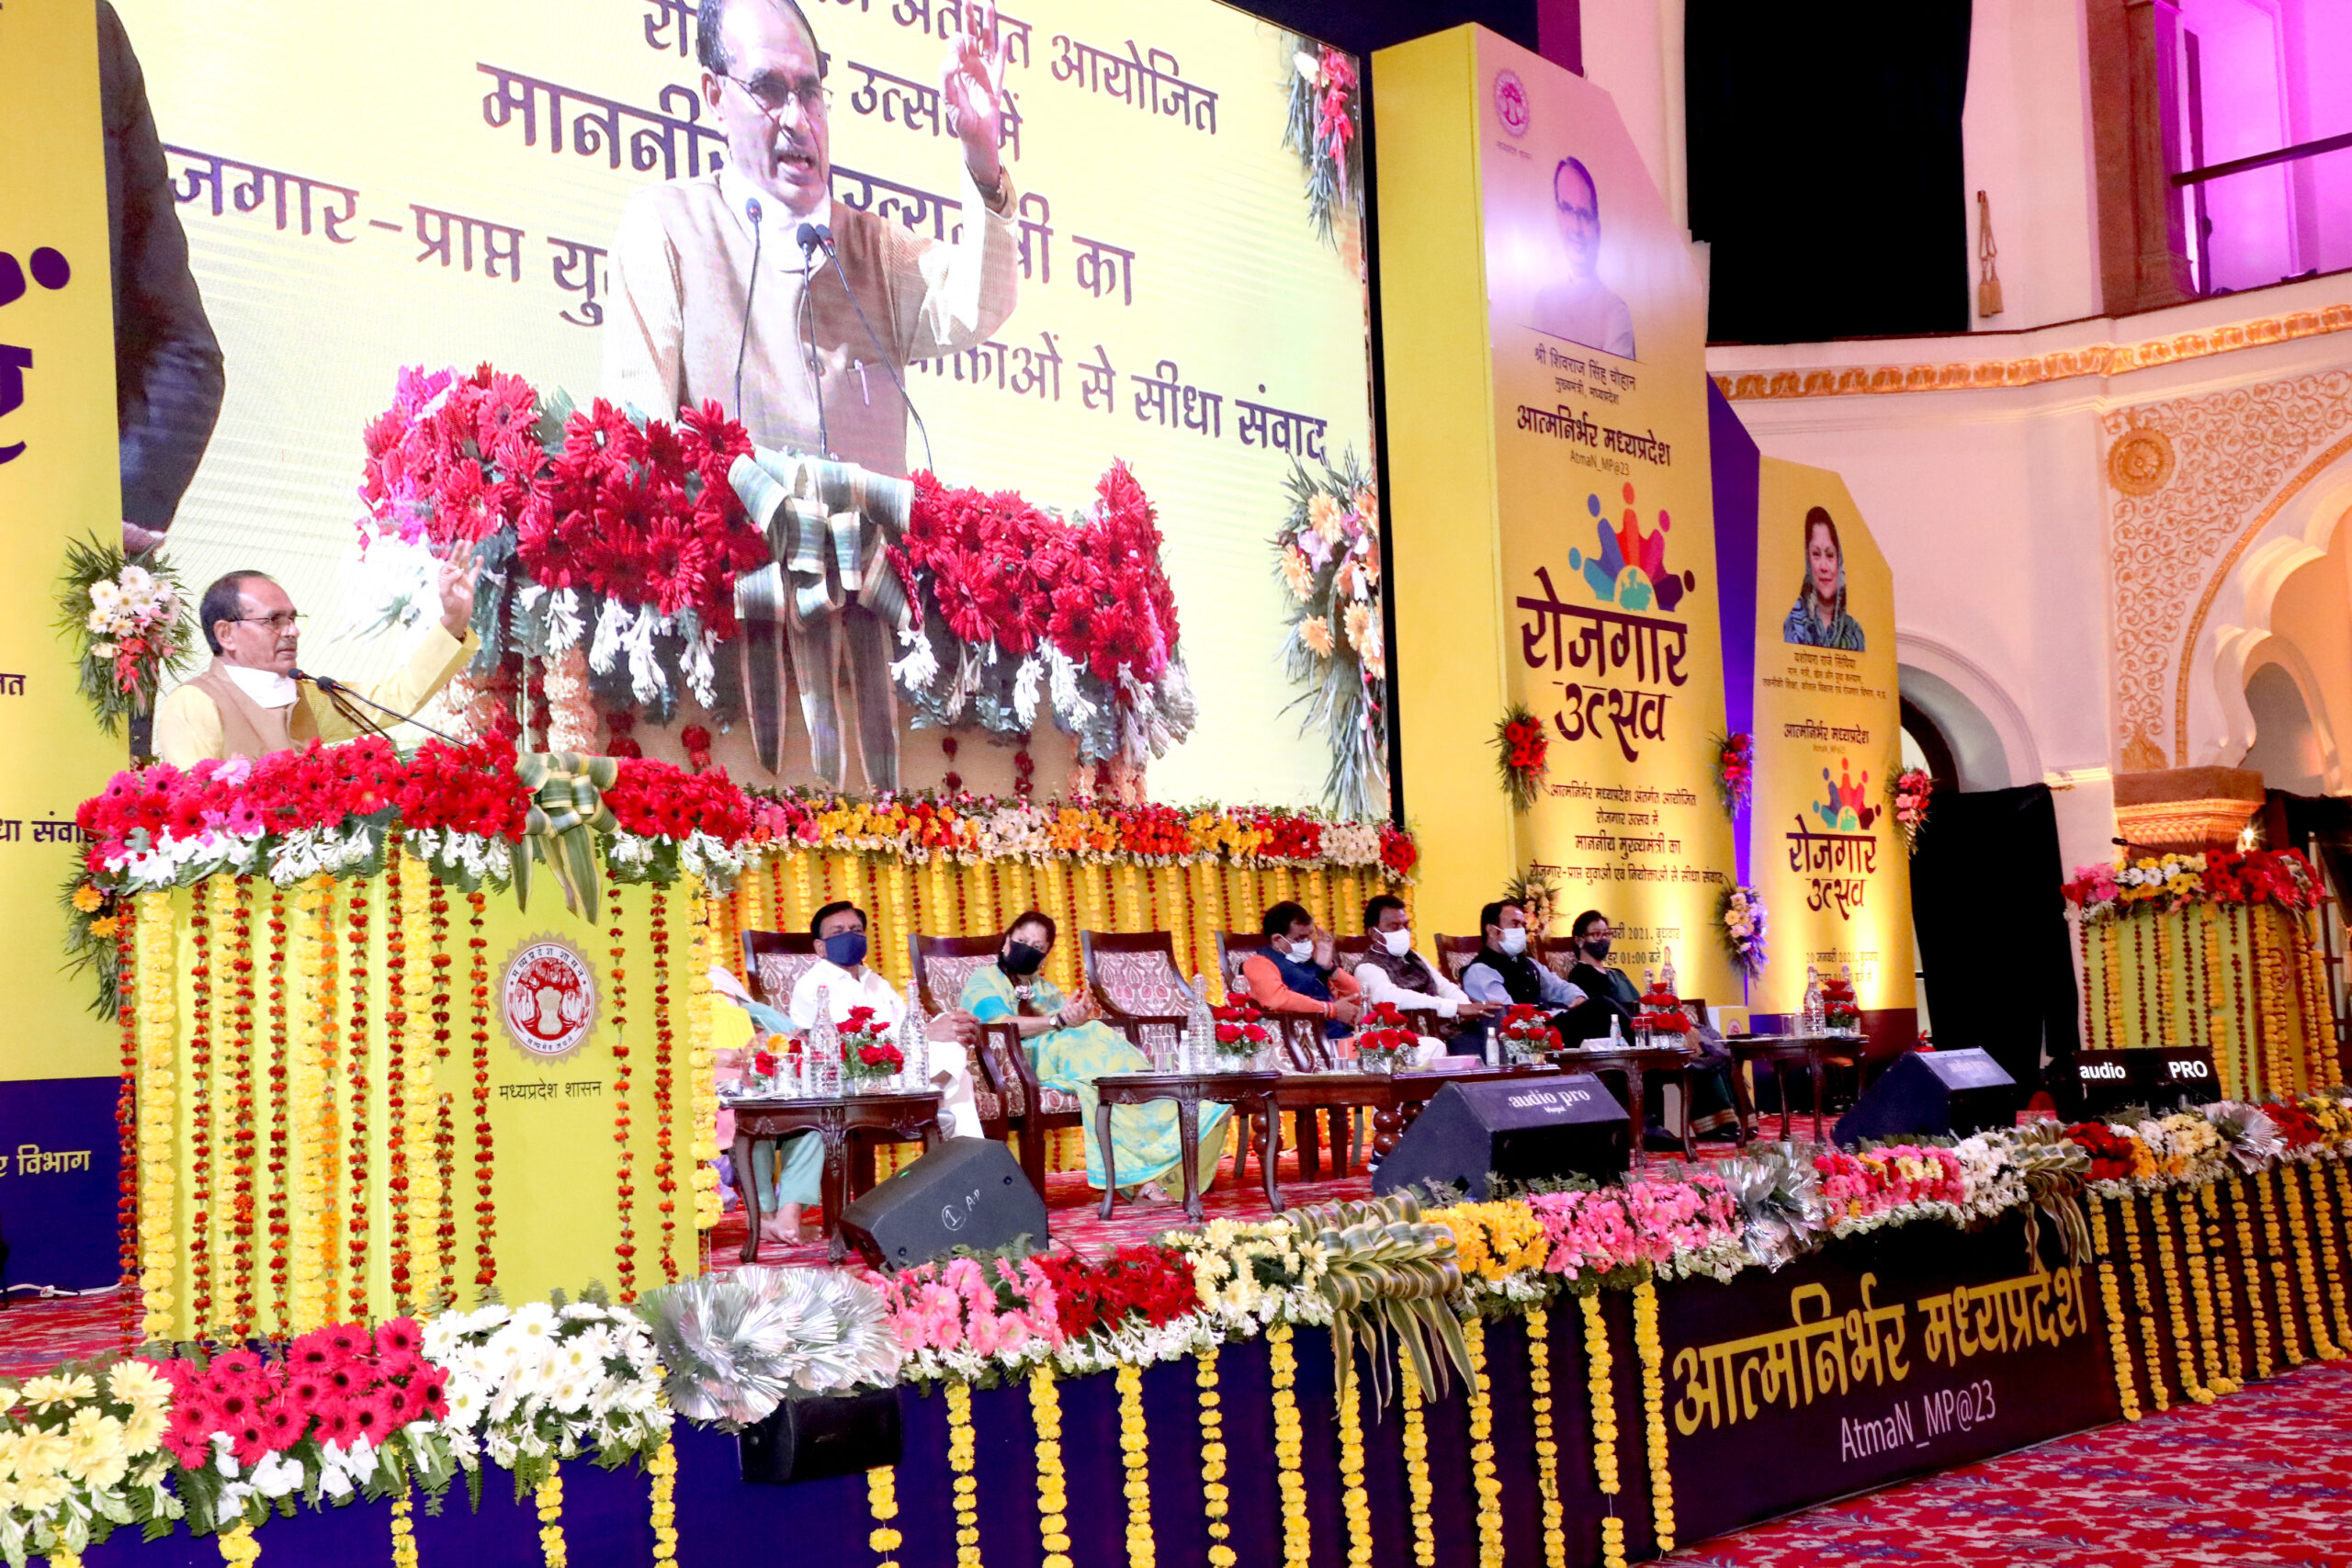 हर हाथ को मिलेगा हुनर : शिवराज सिंह चौहान, सरकार का सबसे बड़ा फोकस है रोजगार,प्रदेश स्तरीय रोजगार उत्सव में नौजवानों से संवाद